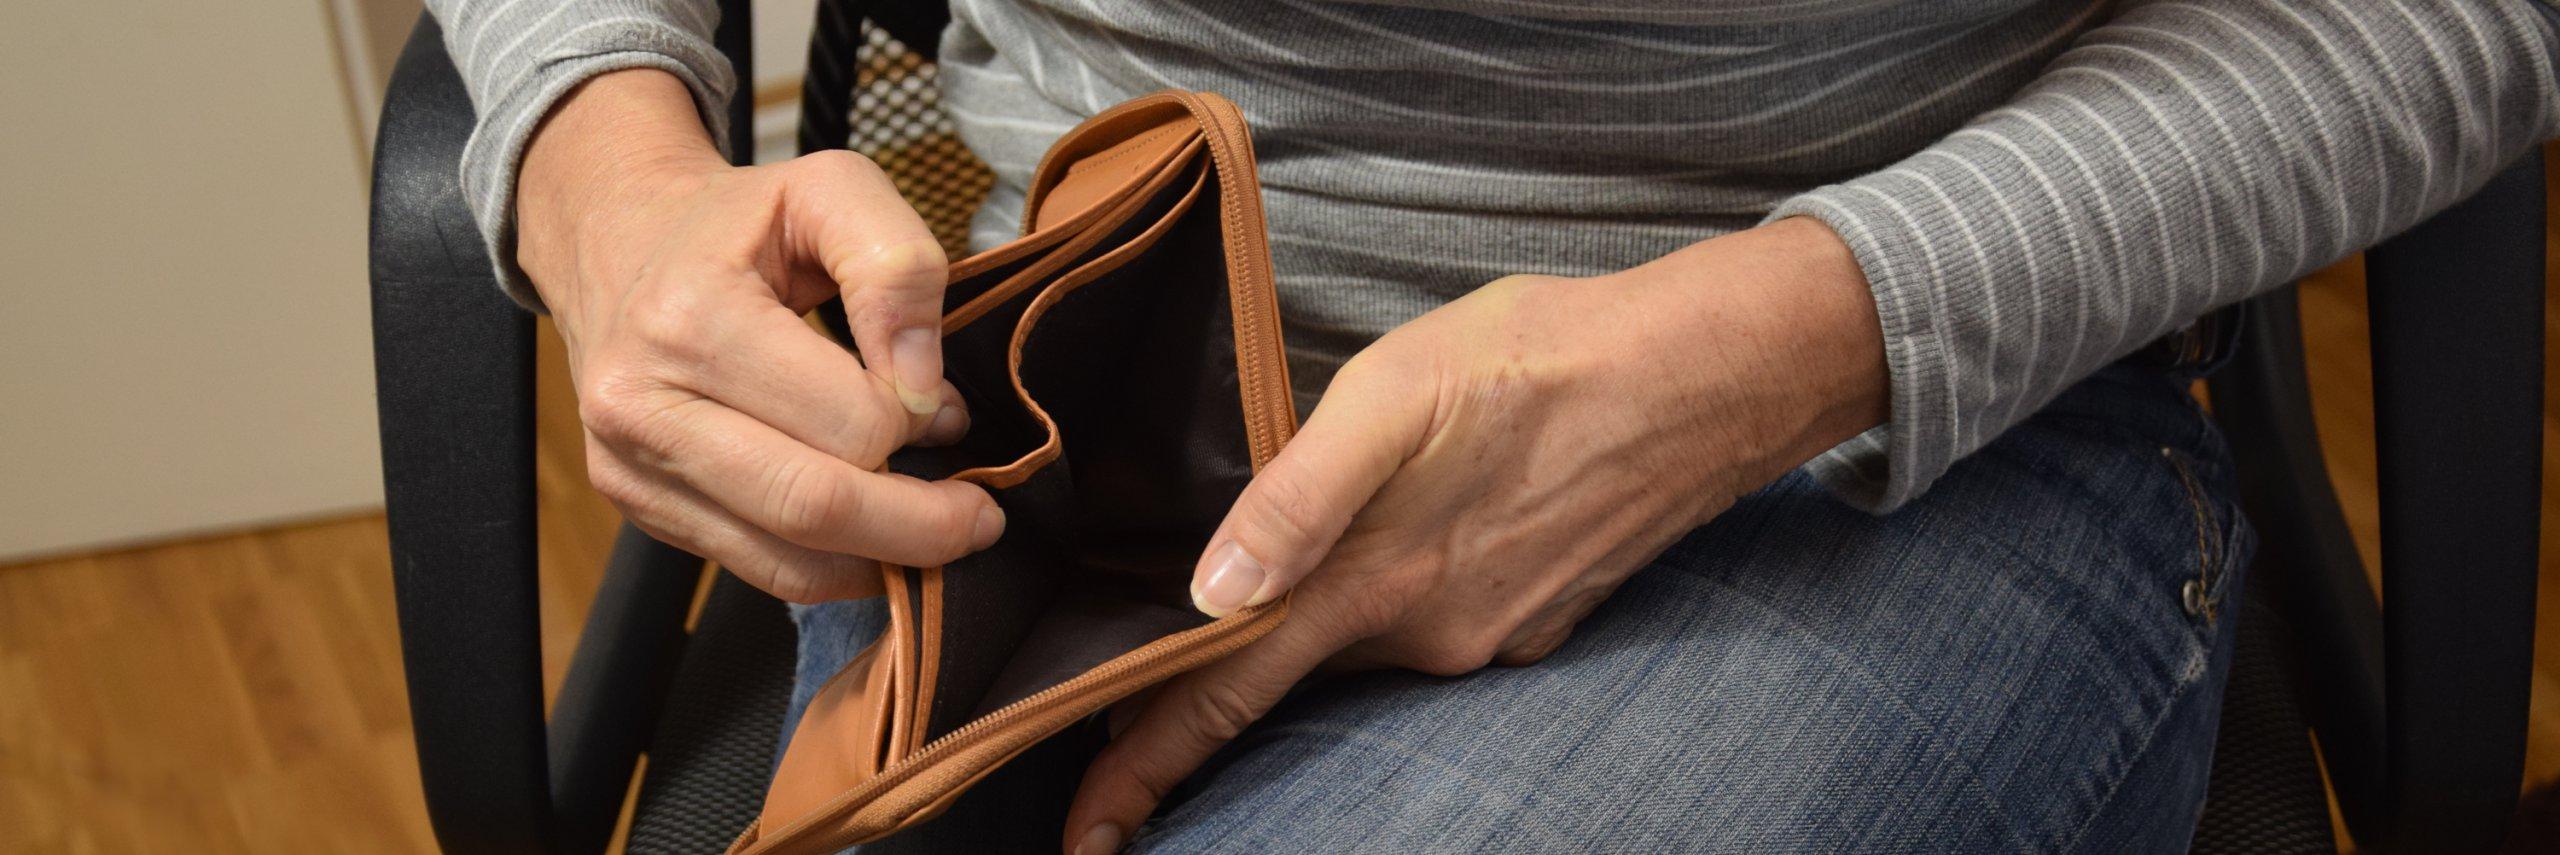 Person öffnet eine Leere Geldbörse